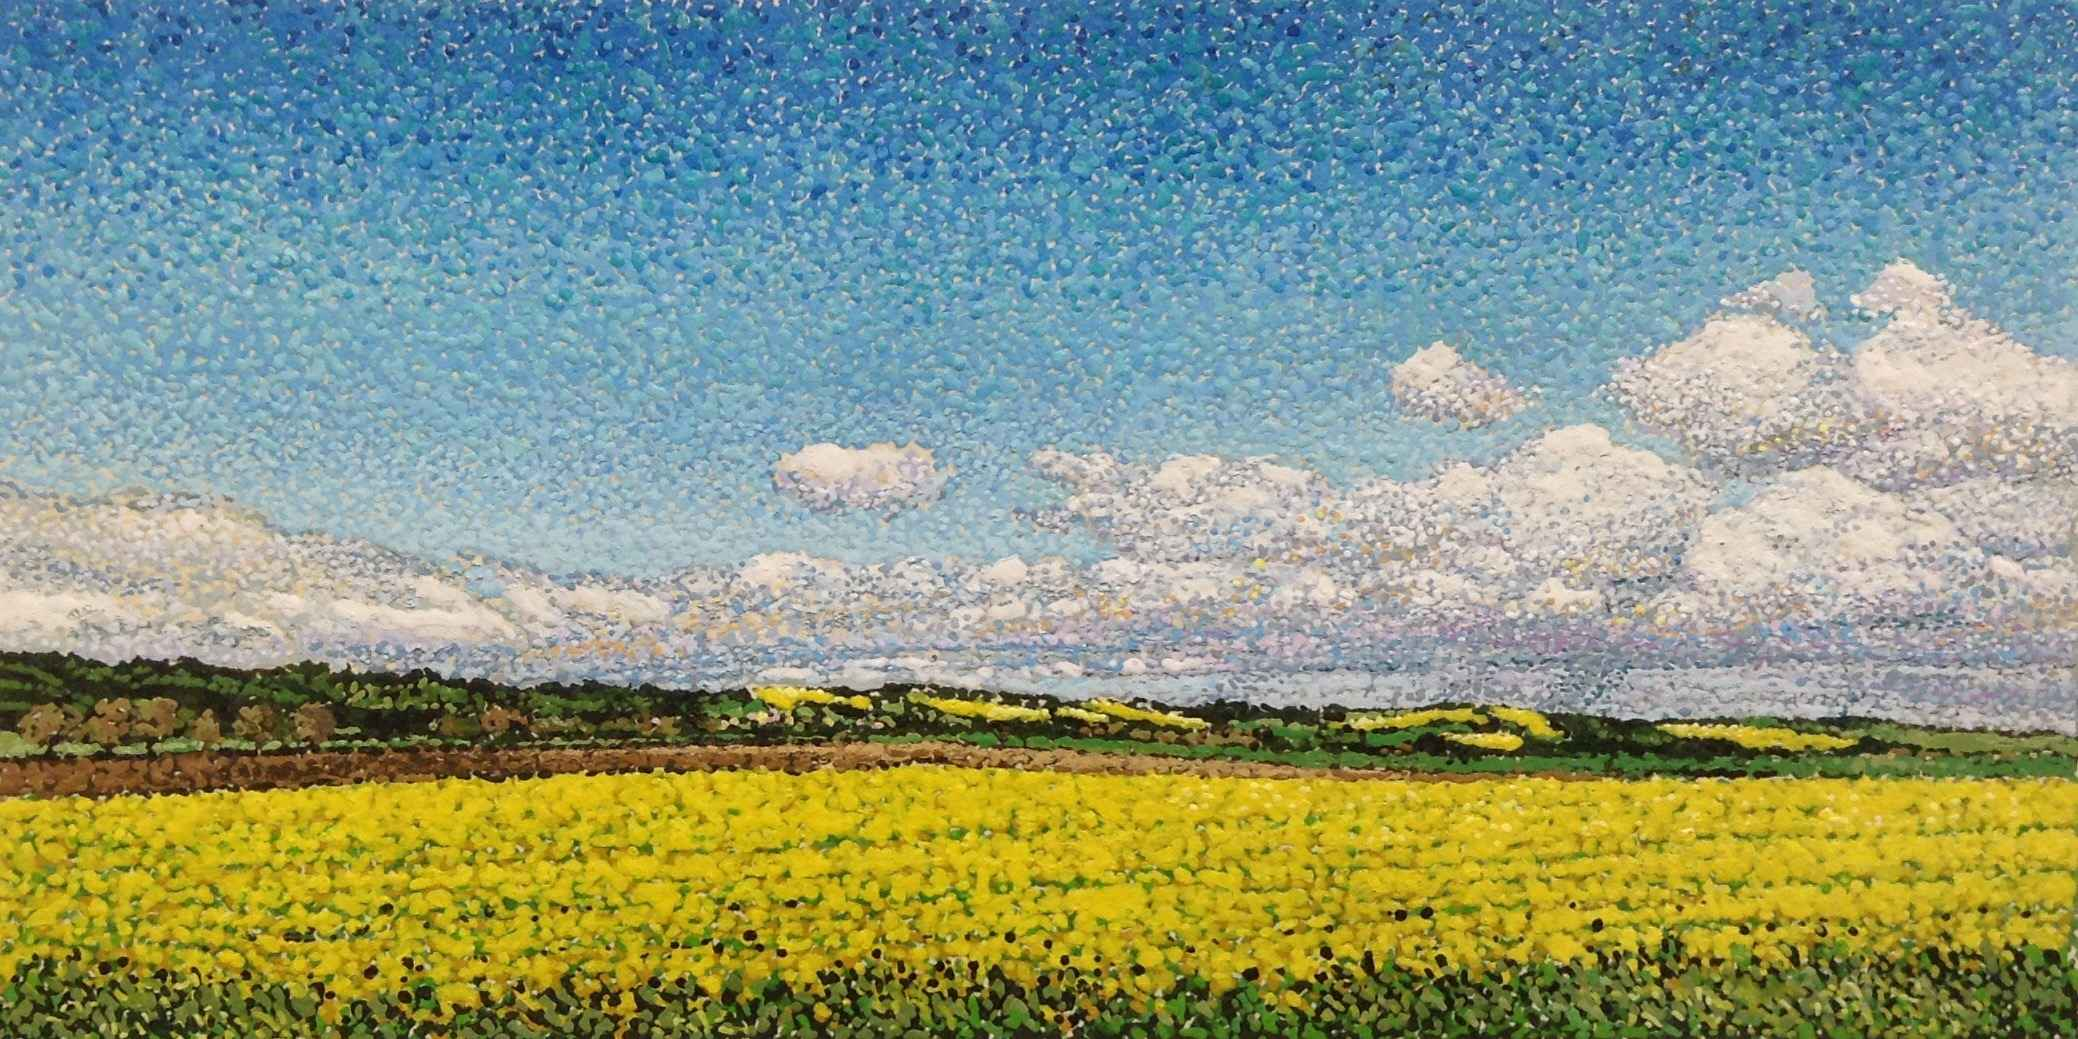 Fields in Northern Fr... by Ms. Ann Meyer - Masterpiece Online